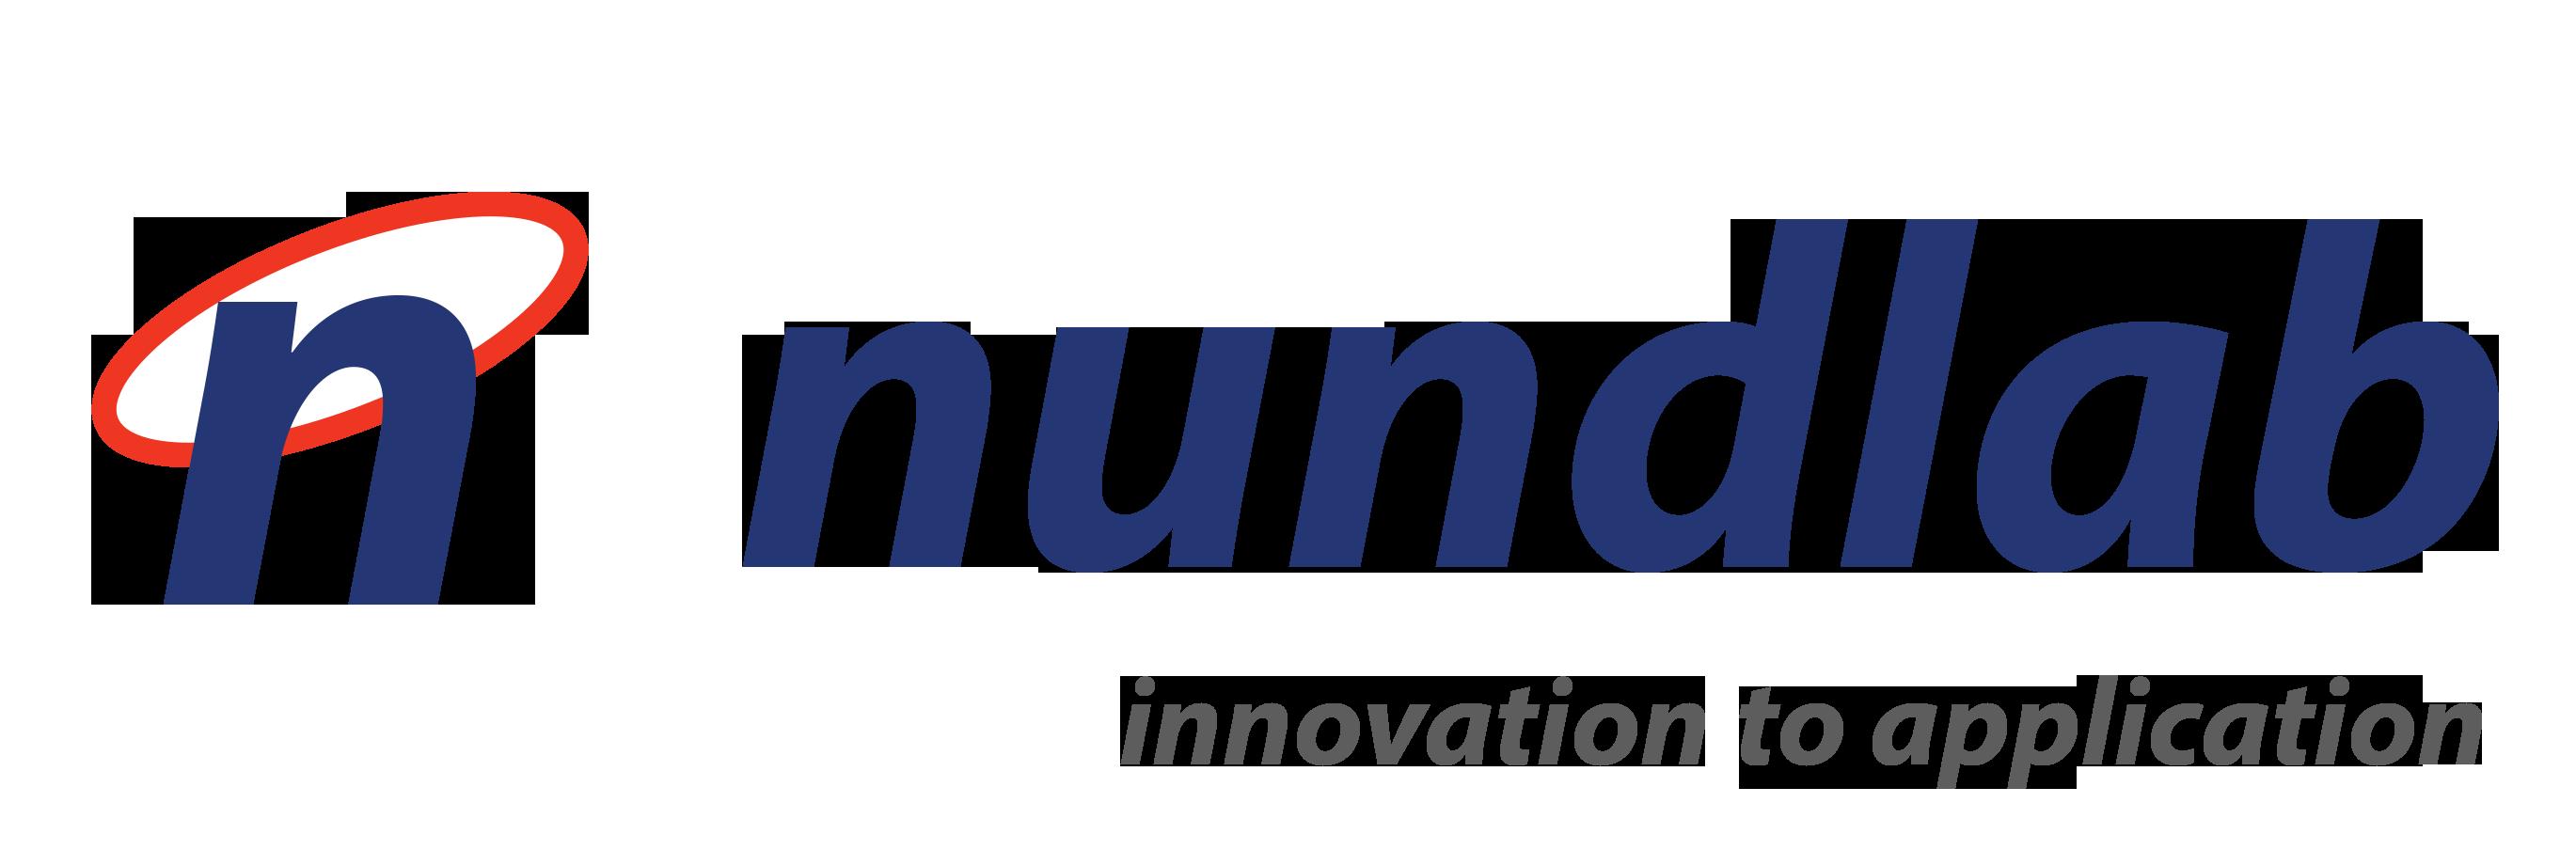 Official Website Of Nundlab, Inc. USA